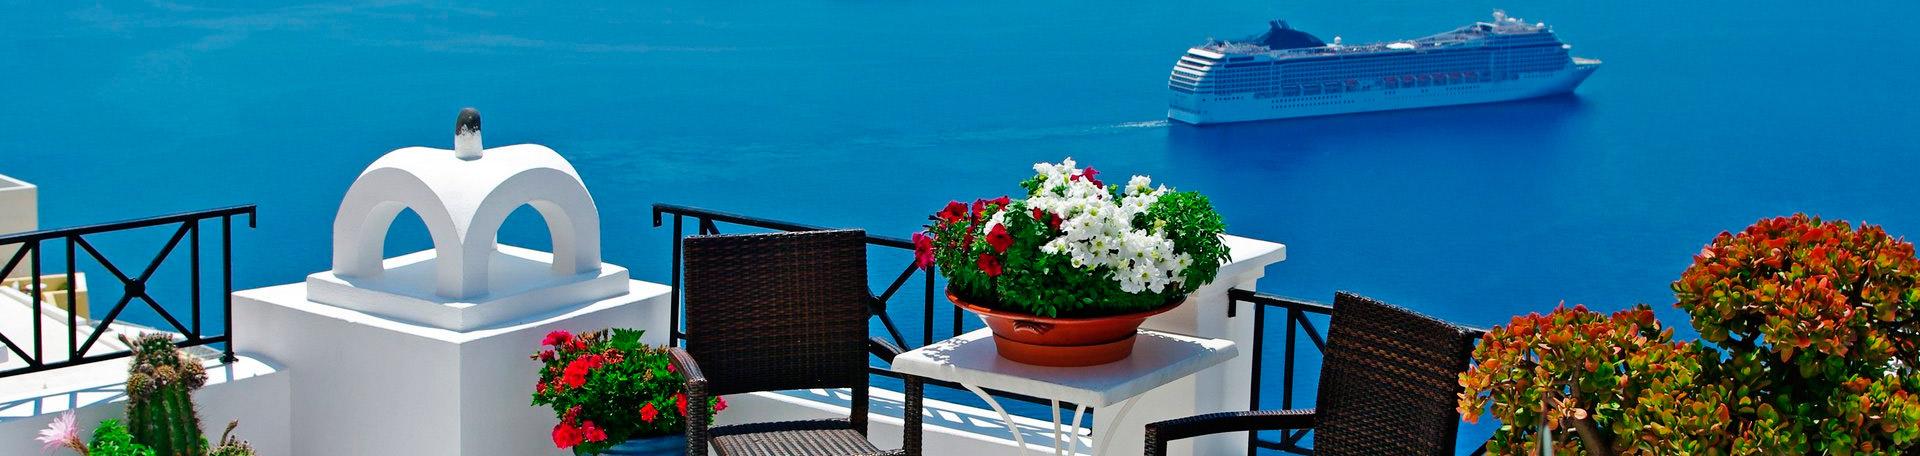 Cruzeiro Pelas Ilhas Gregas, Turquia Completa e Egito